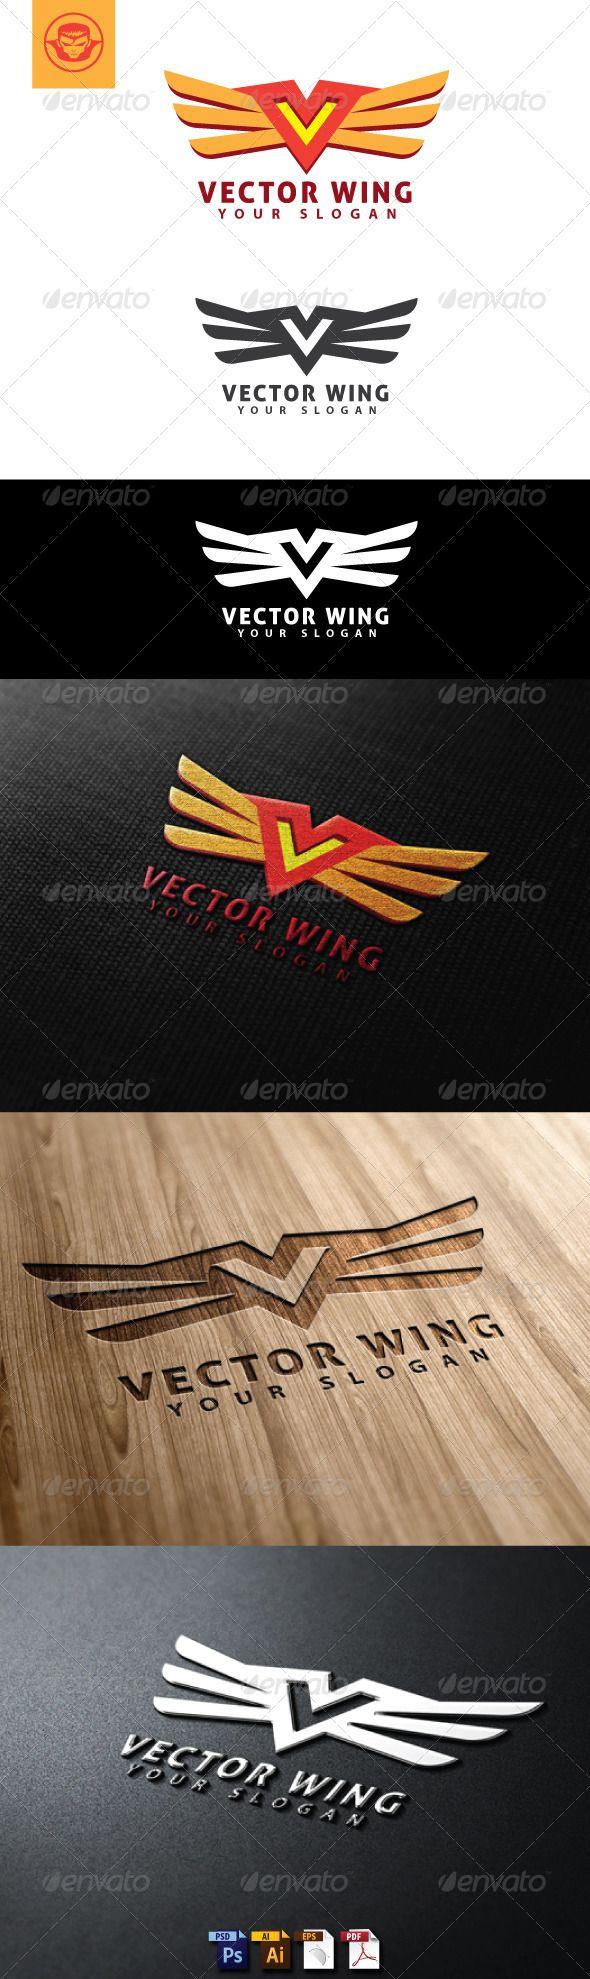 10 V Letter Logo Templates The 9